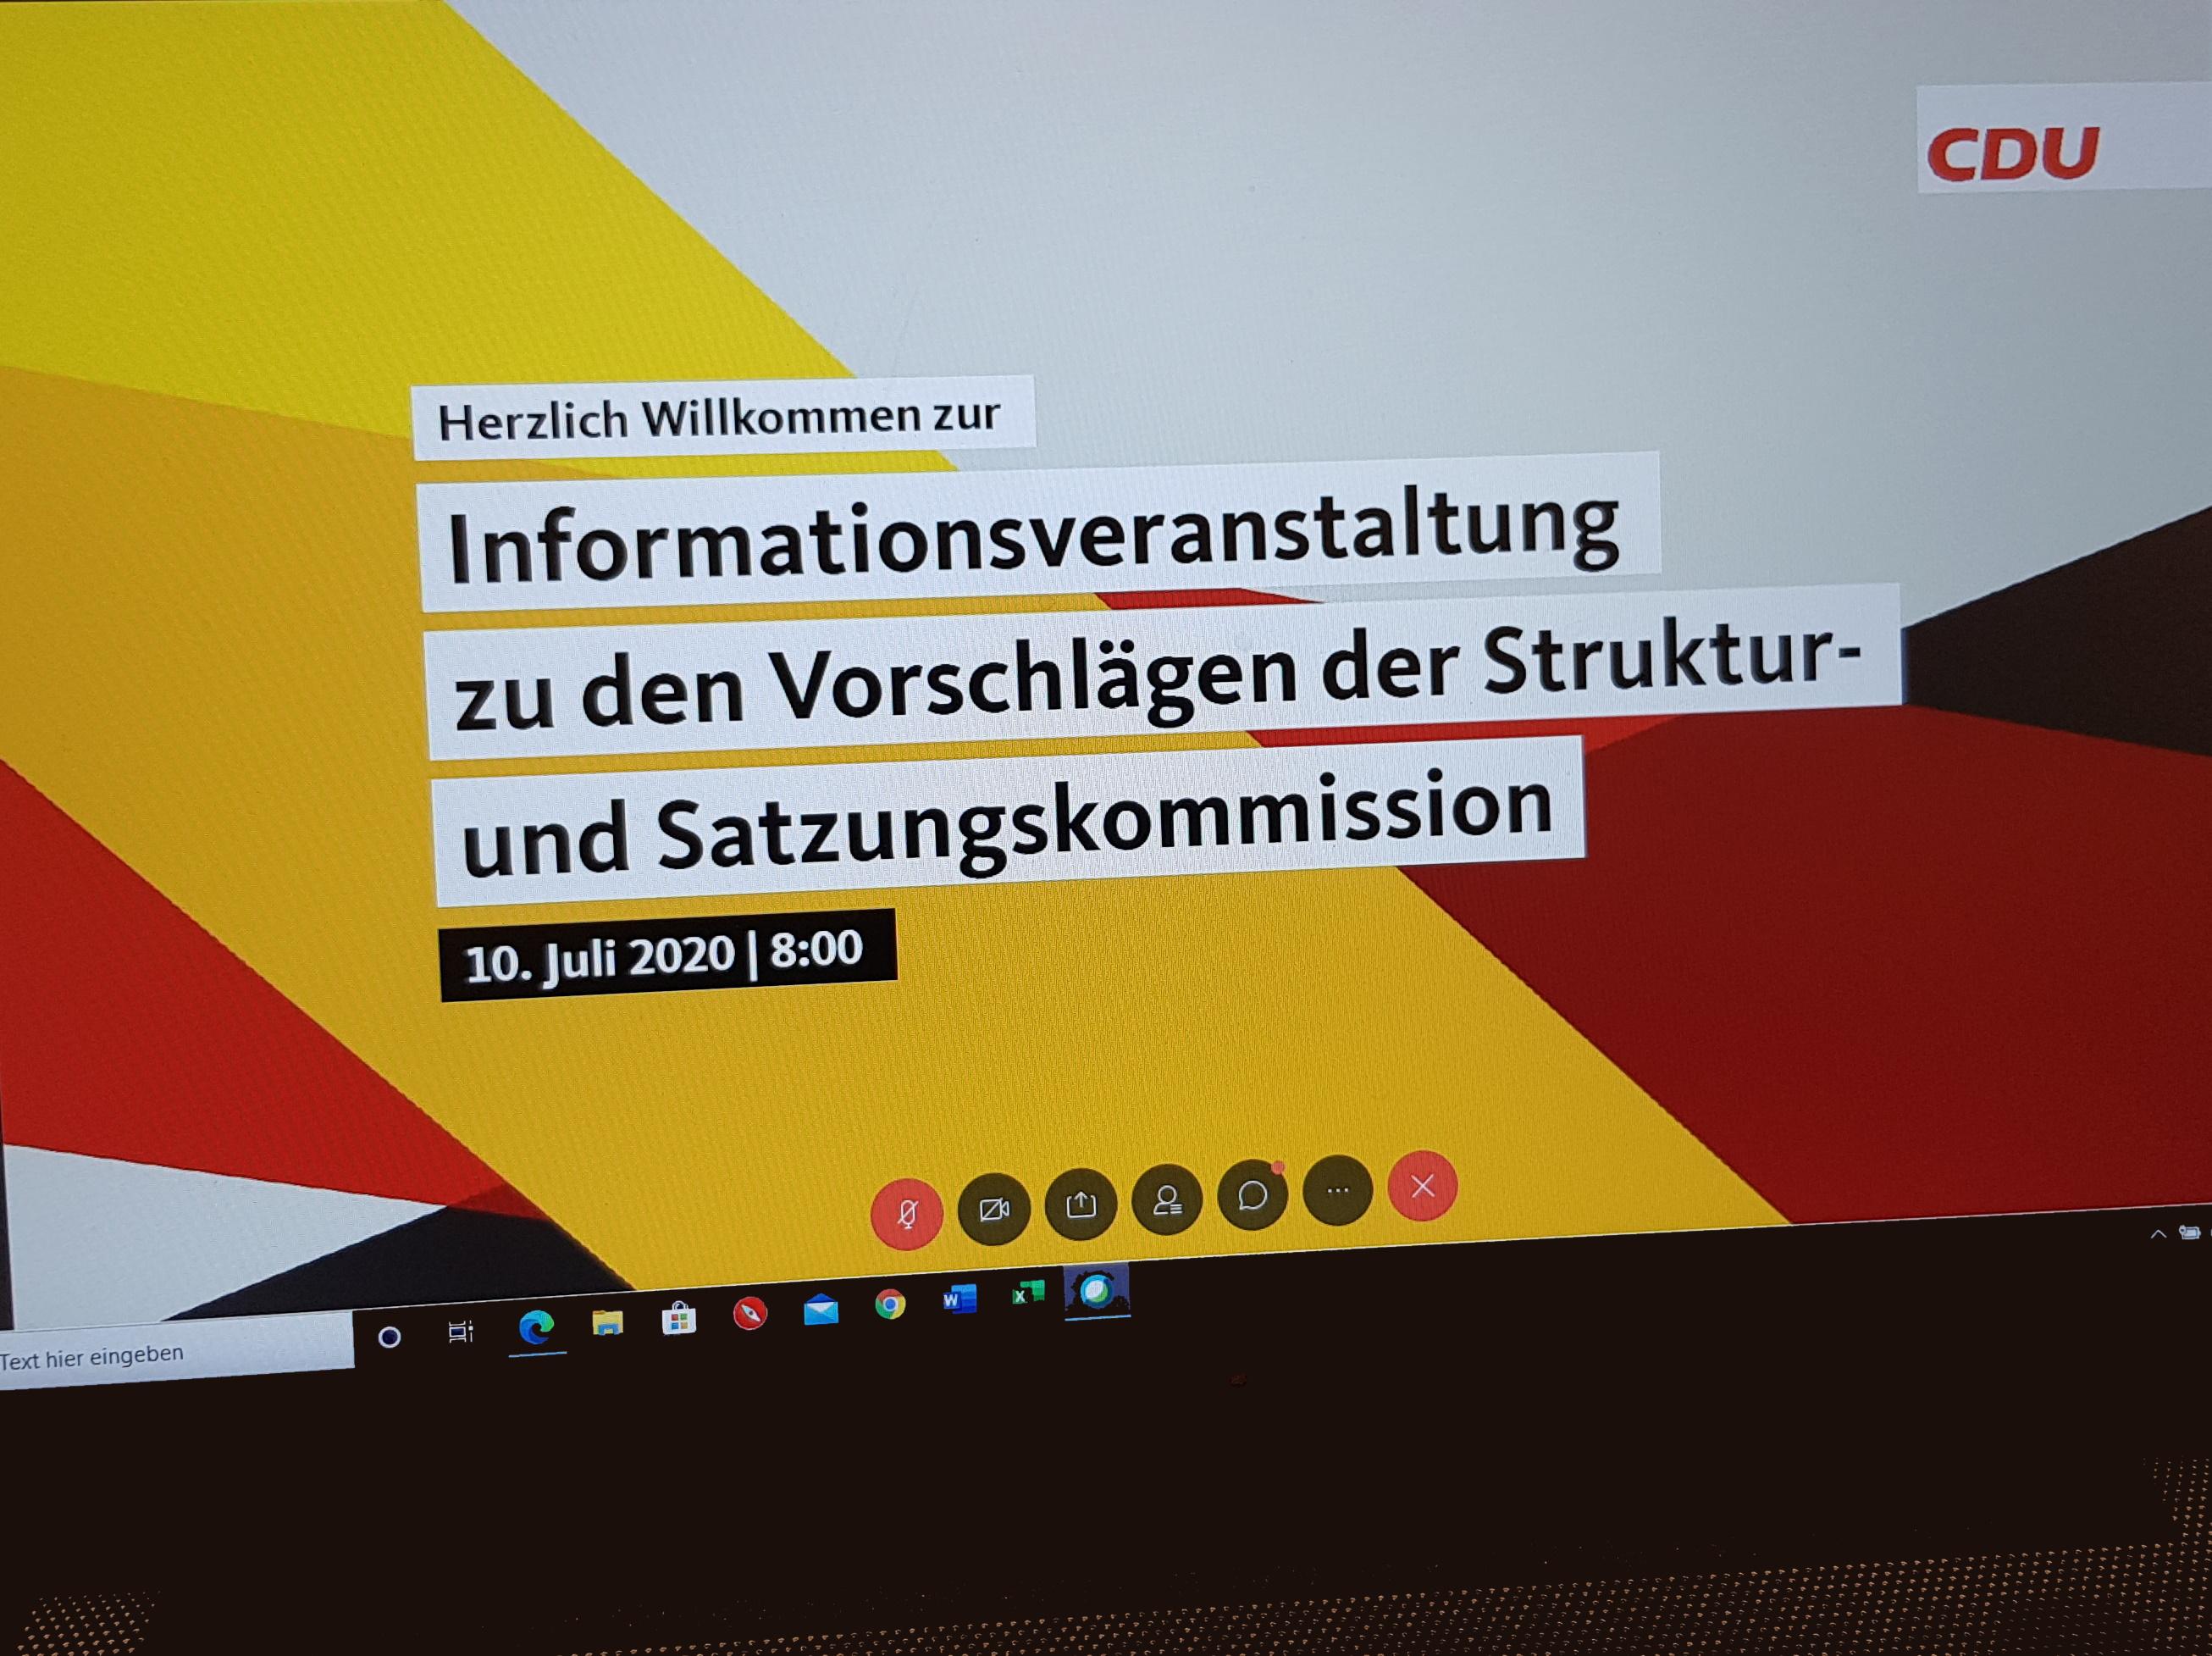 Am 10. Juli fand eine Videokonferenz der CDU-Kreisvorsitzenden statt. Dort wurden die Ergebnisse der Struktur- und Satzungskommission vorgestellt.